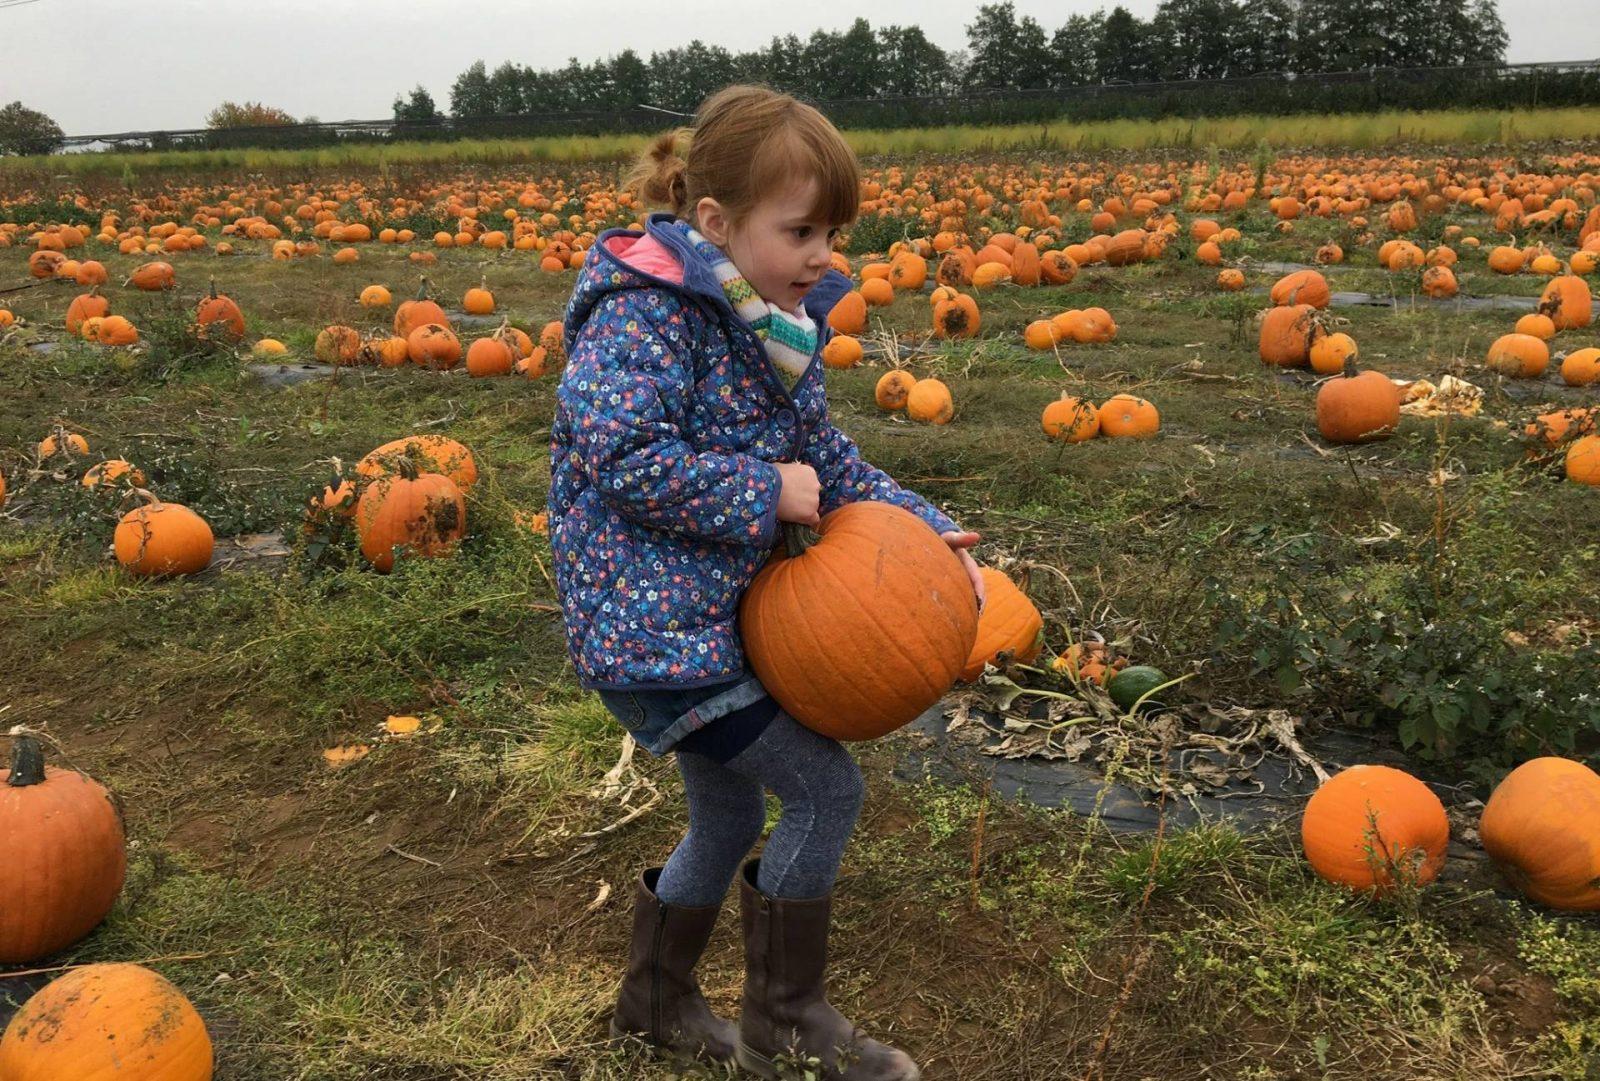 alice-carrying-pumpkin